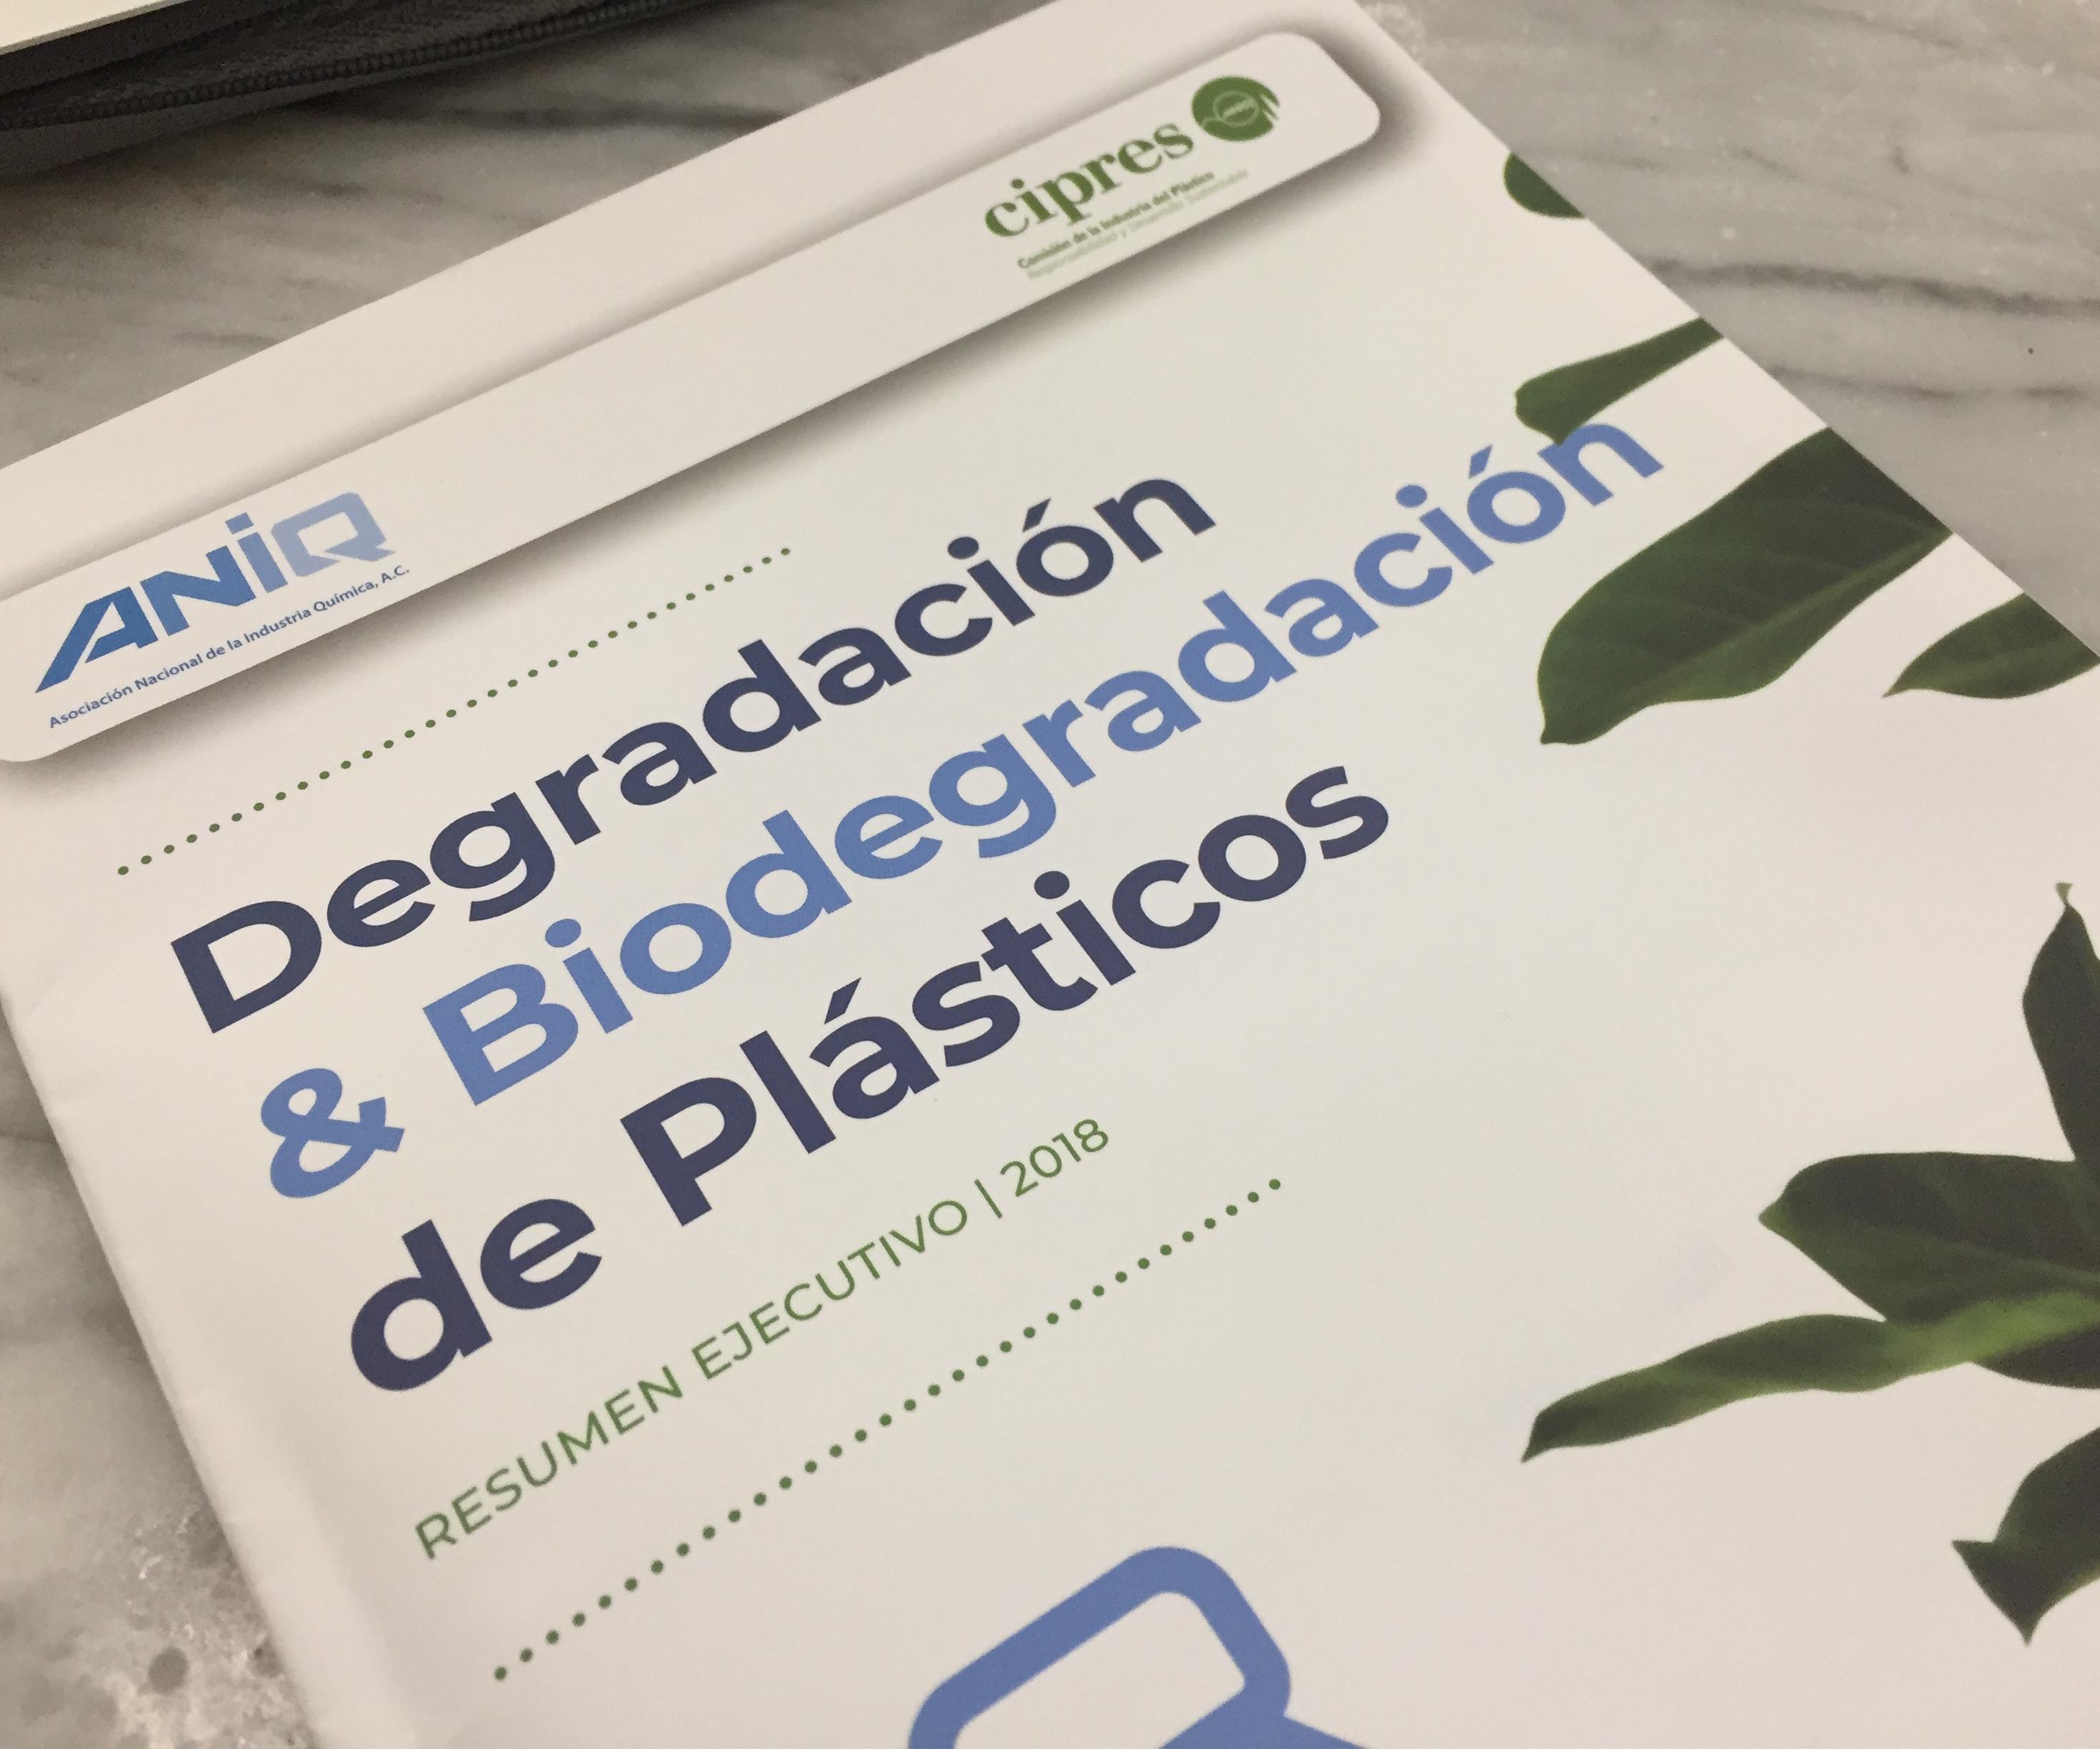 ANIQ y CIPRES presentaron estudio sobre Degradación y Biodegradación de Plásticos